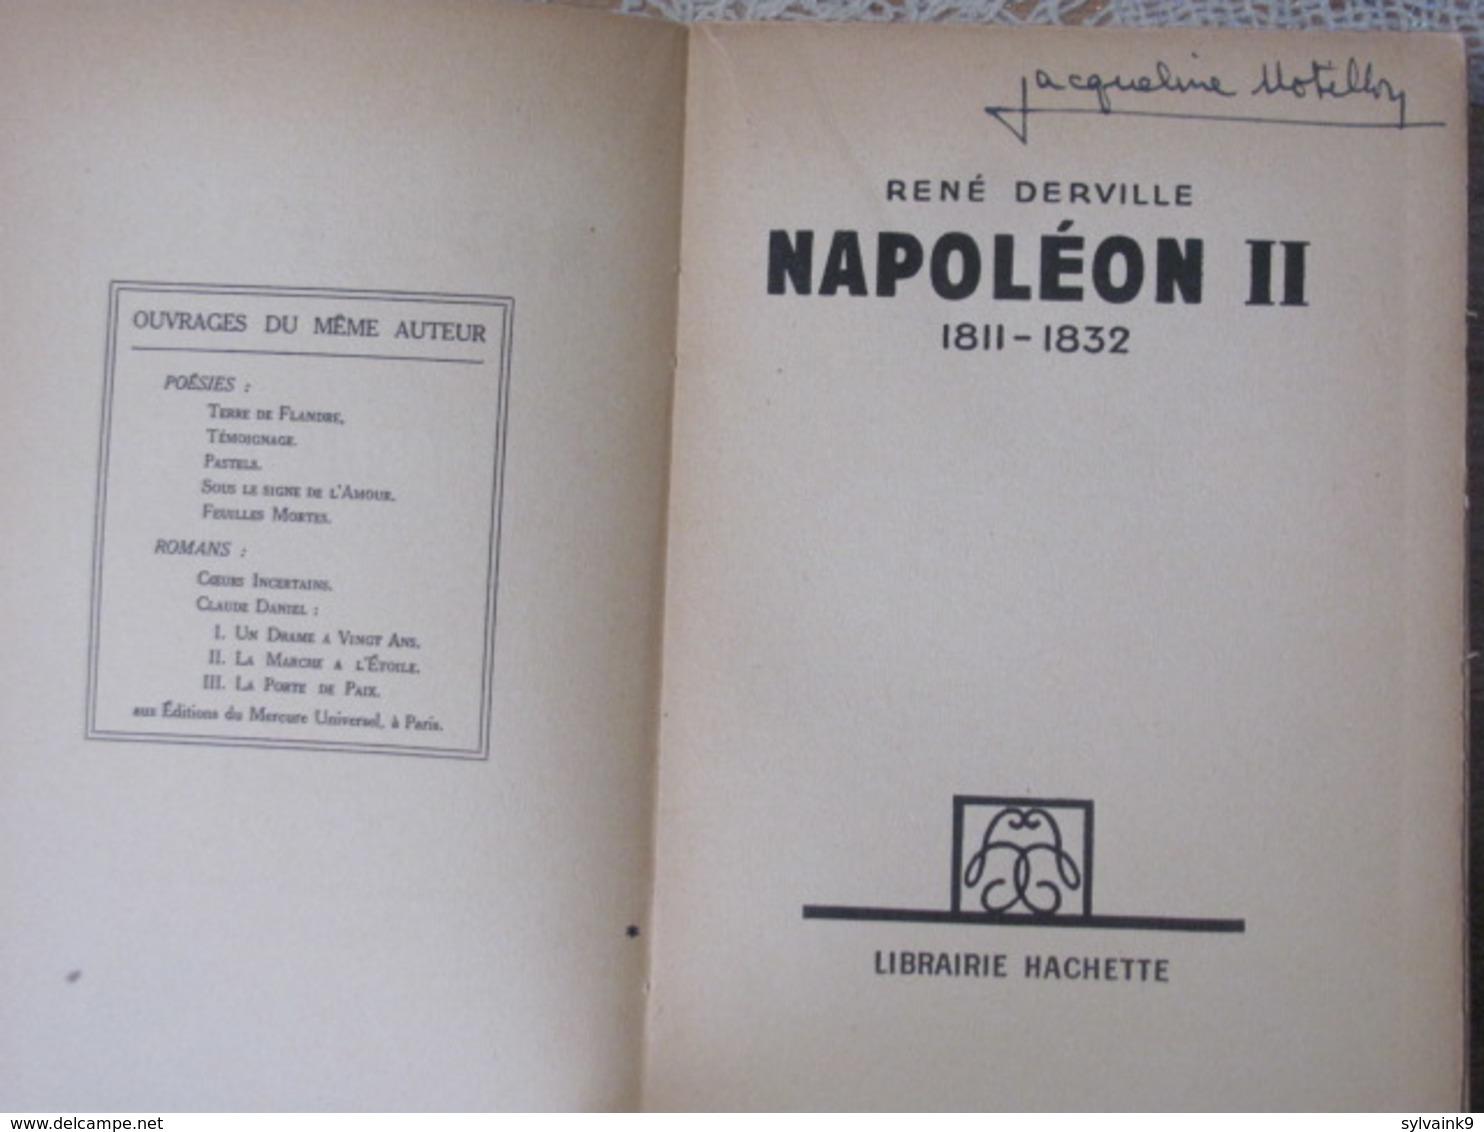 1934 Rene Derville Napoleon II Le Roi De Rome François Joseph Charles Bonaparte 2 Empereur Des Francais Parme - Livres, BD, Revues